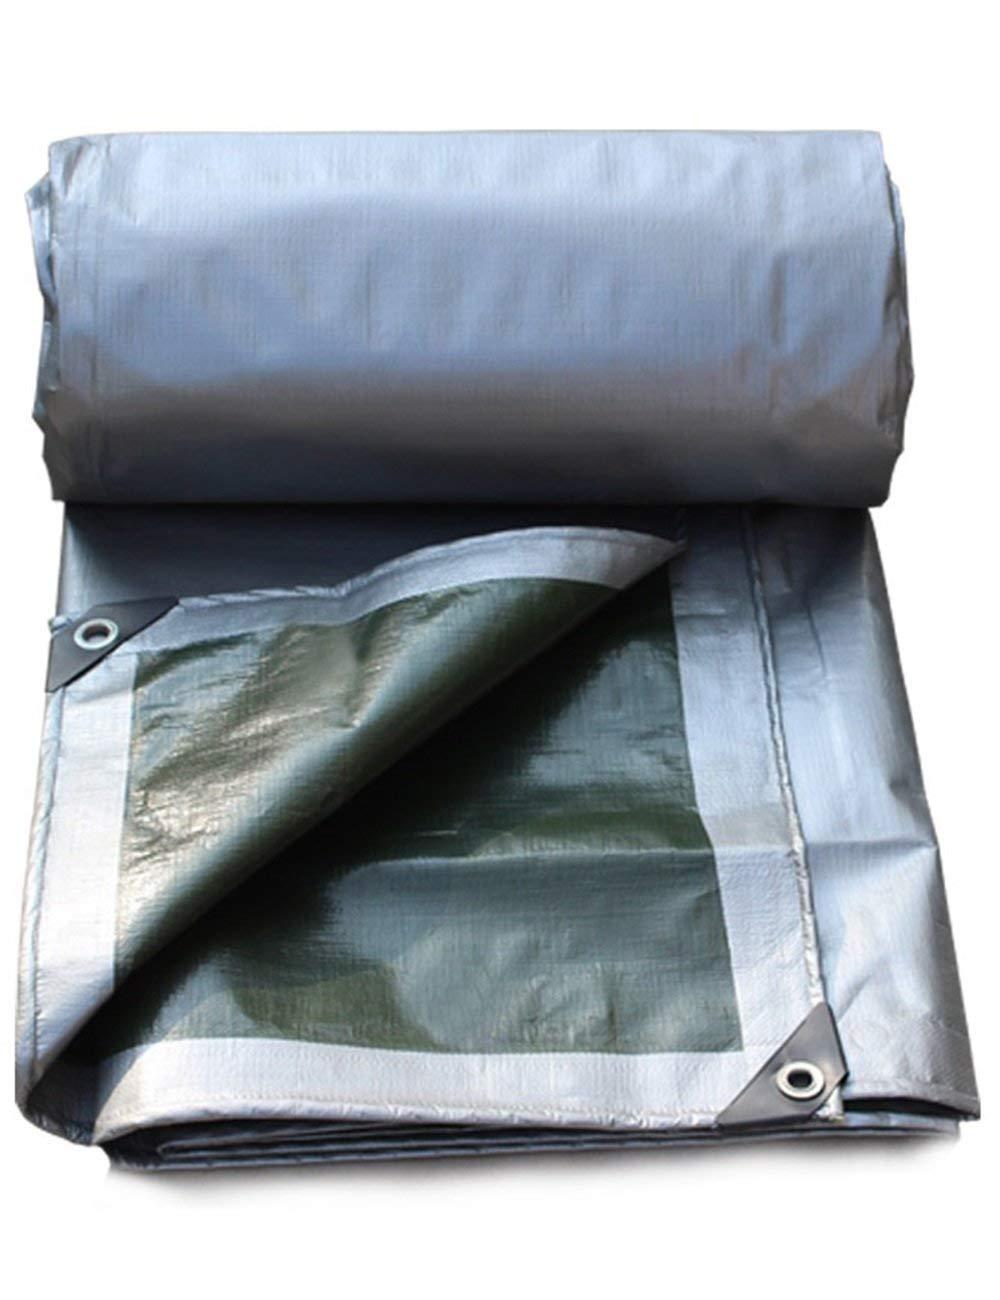 最新のデザイン DLyng シルバーグリーンの厚いターポリンのキャンバスカバー防水タープのテントキャンプのタフ 5m*5m B07GZL547W (Size DLyng : 5m*5m) 5m*5m B07GZL547W, キムチの希天家:5d0f4b6b --- mail.mrplusfm.net